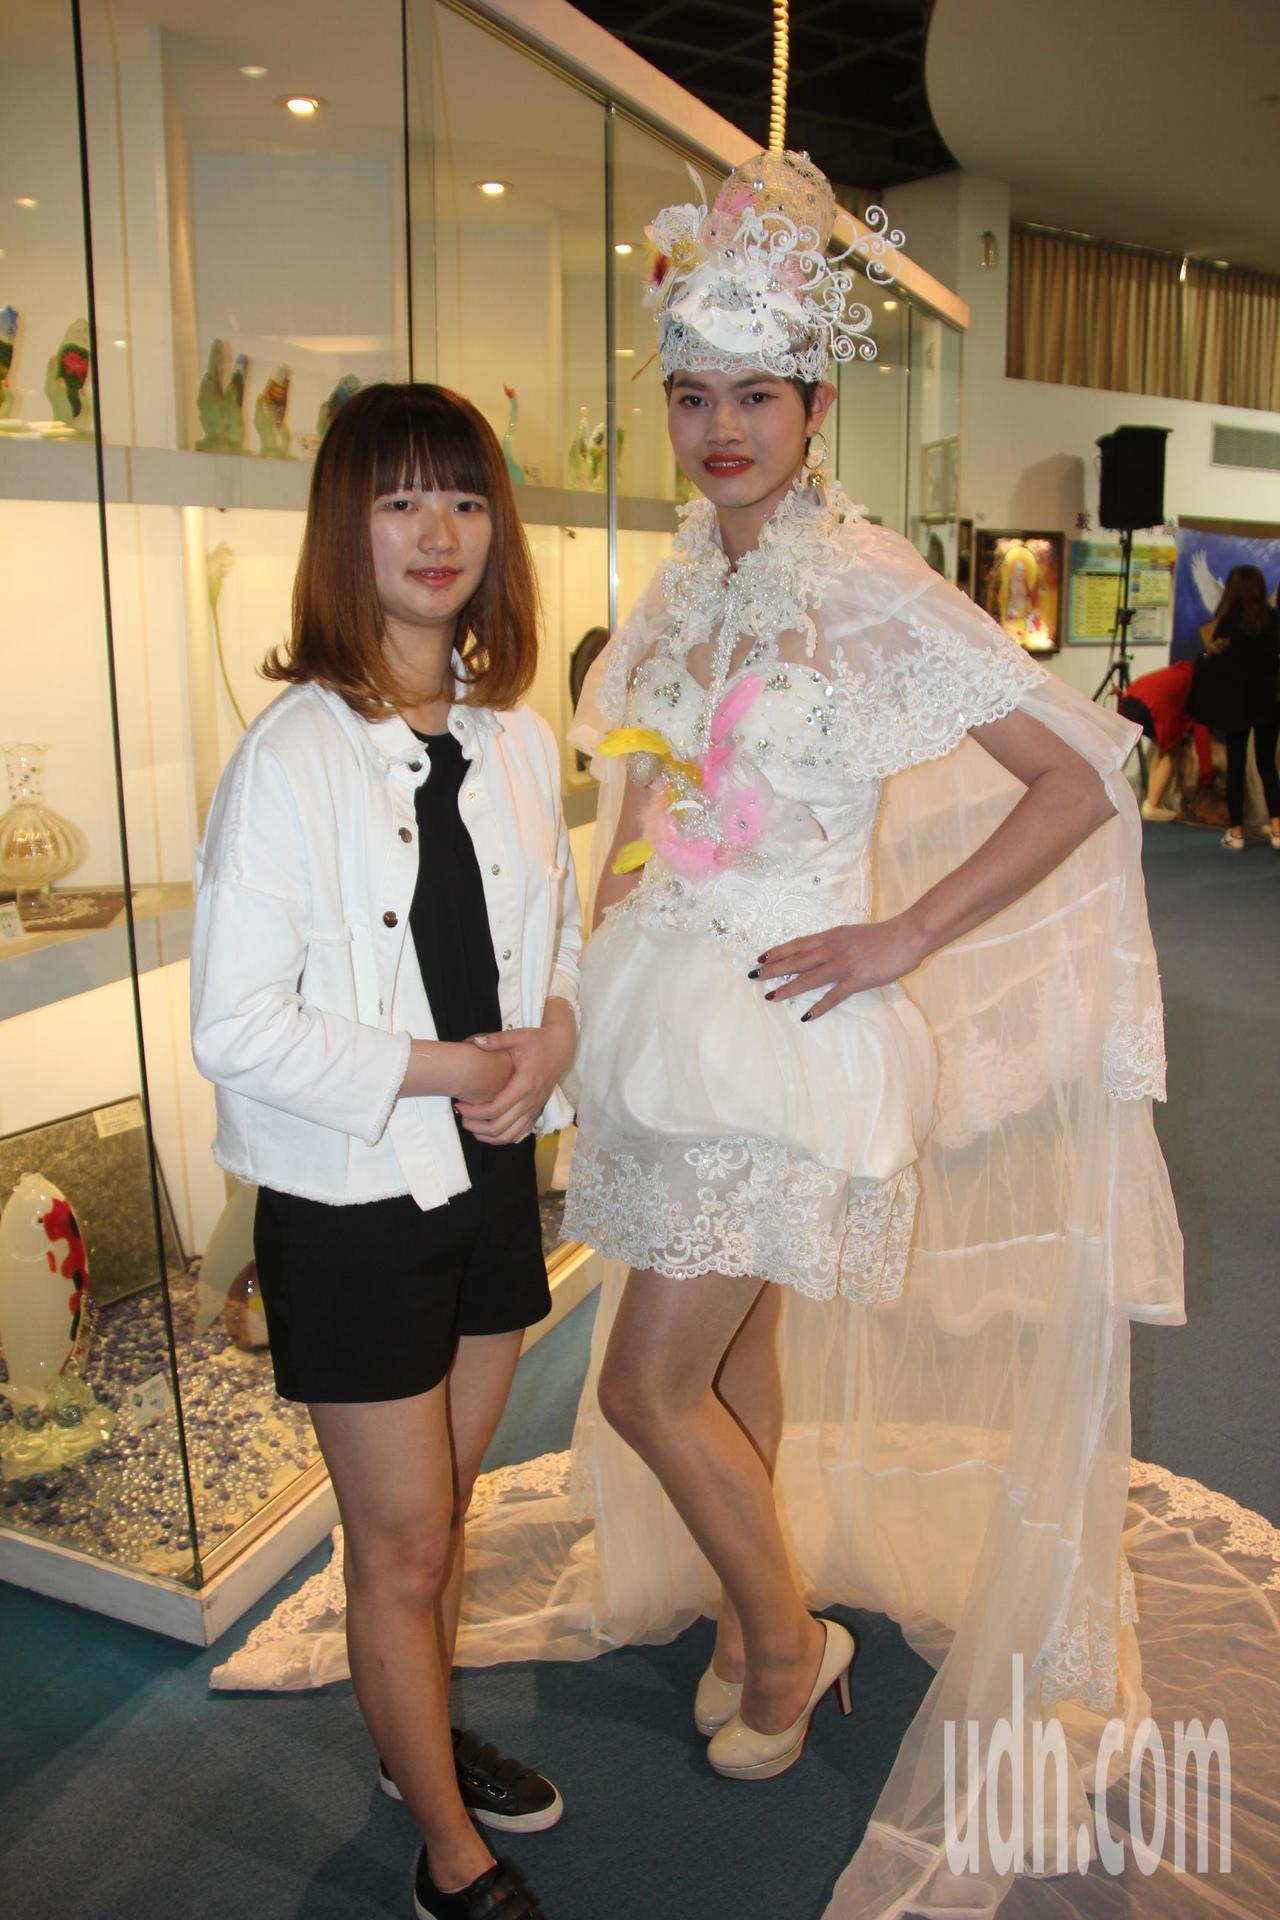 二手婚紗改造需要巧思,也很費工,今天還有學生設計師請男模特兒反串,展現不同的創意...